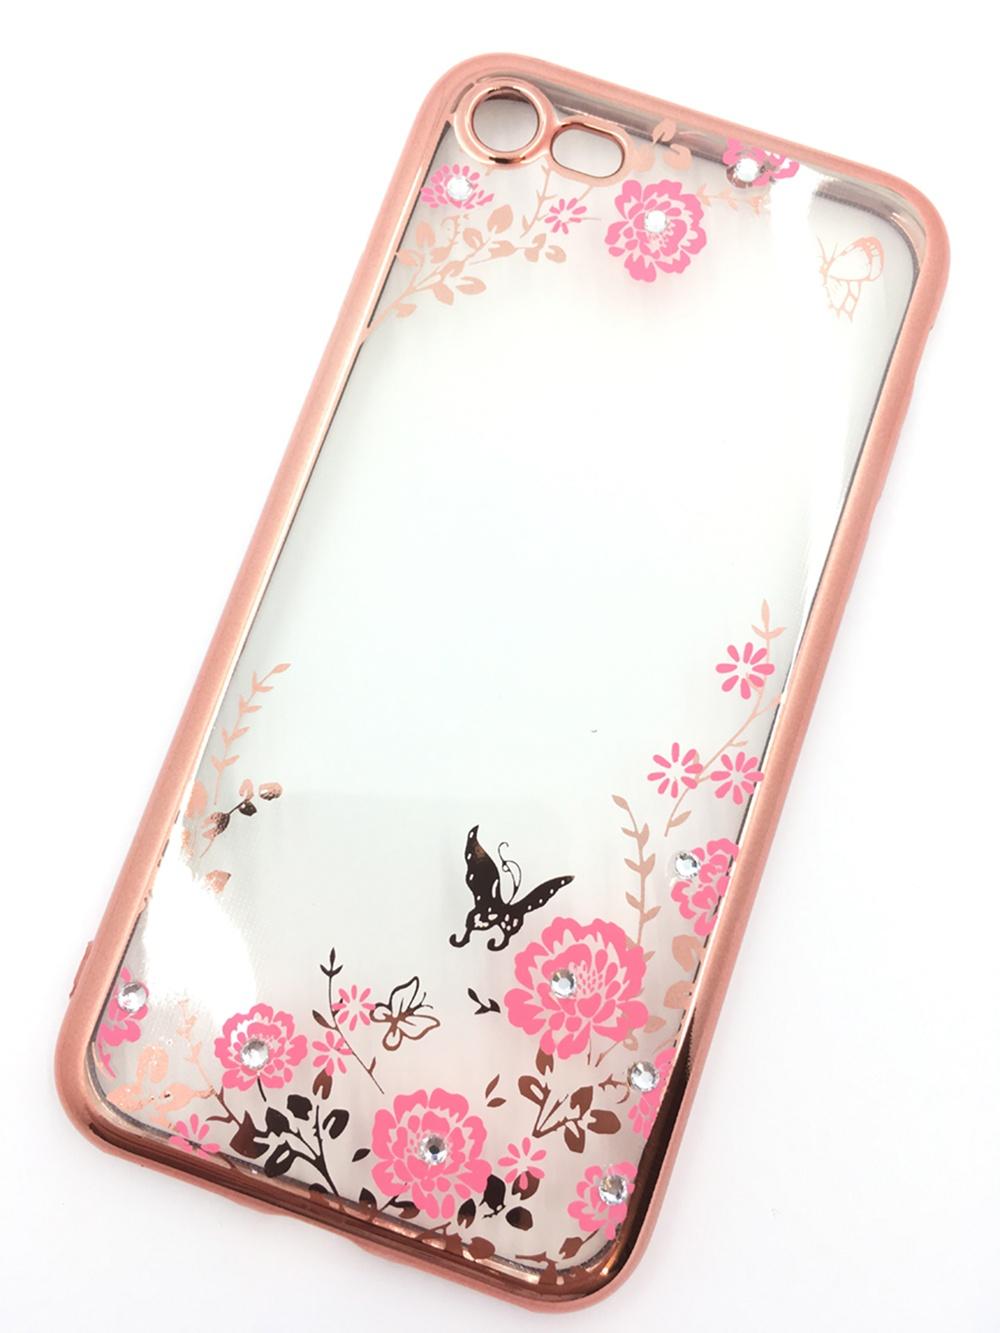 Чехол для сотового телефона Мобильная мода iPhone 7 Силиконовая прозрачная накладка со стразами, золотой, розовый, прозрачный чехол для сотового телефона мобильная мода meizu pro 6 силиконовая прозрачная накладка со стразами 6371g золотой